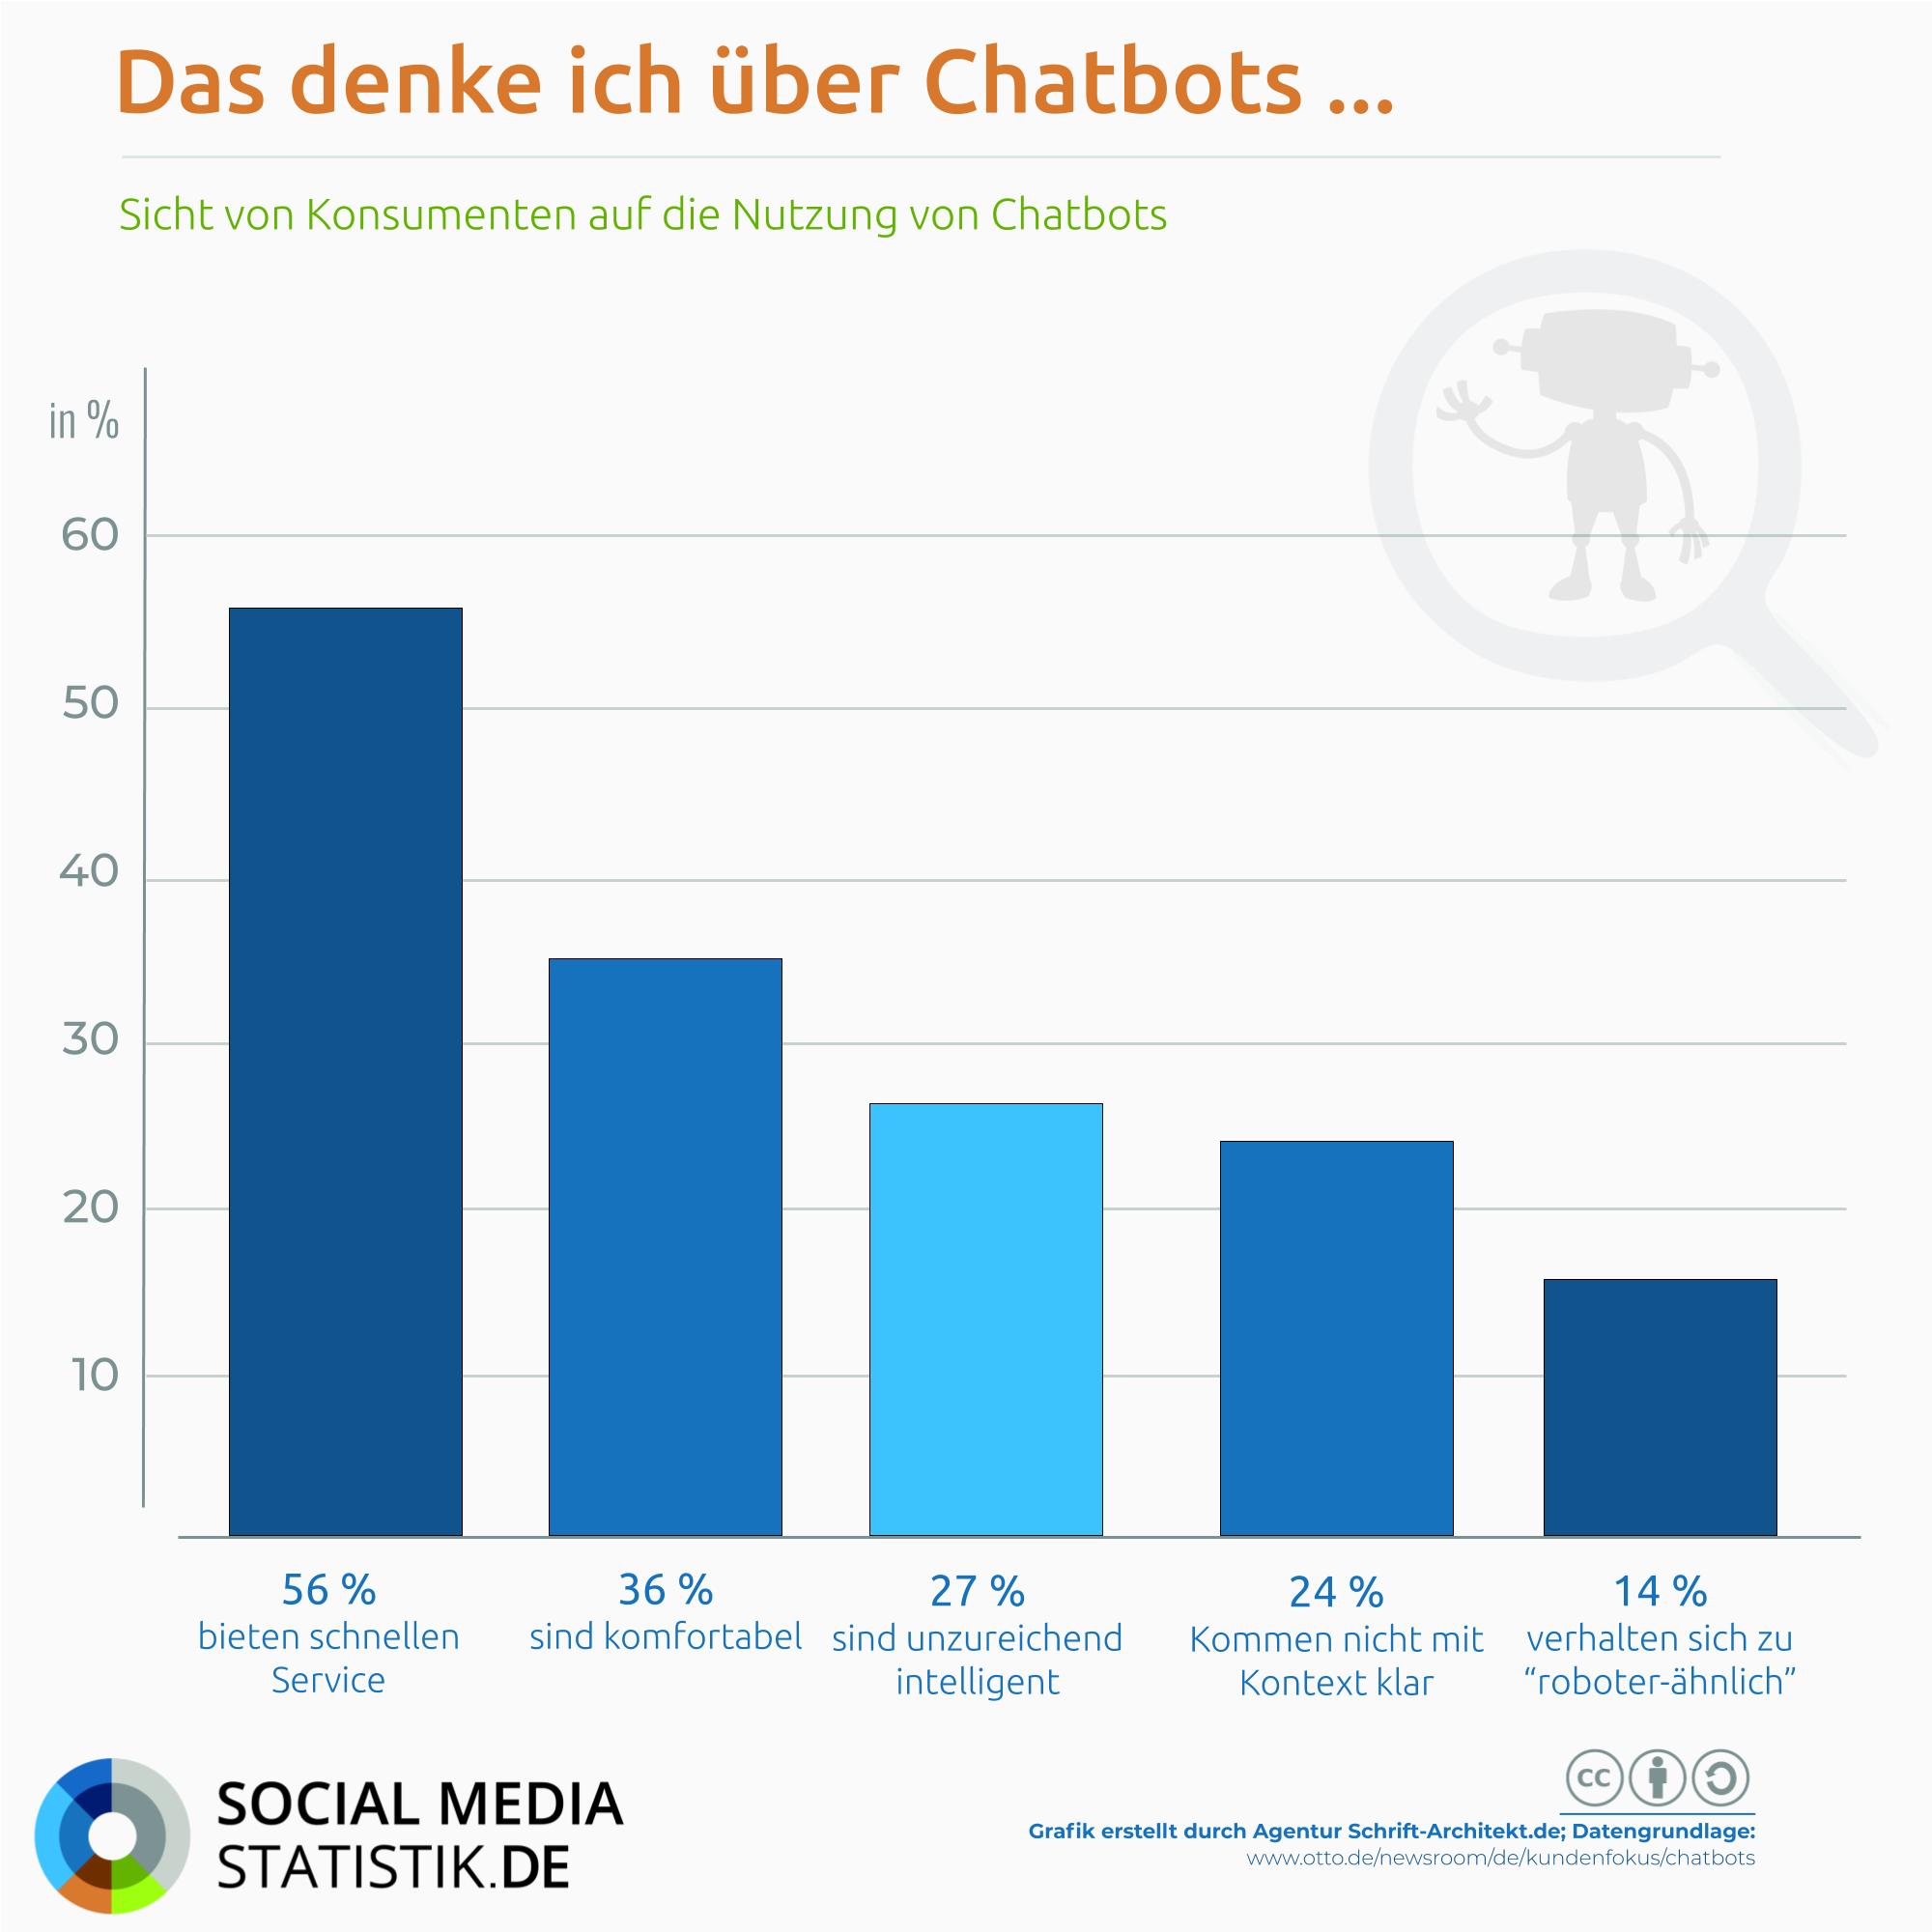 Roboter, die mitreden: 14 % halten Messenger-Bots für zu roboterhaft